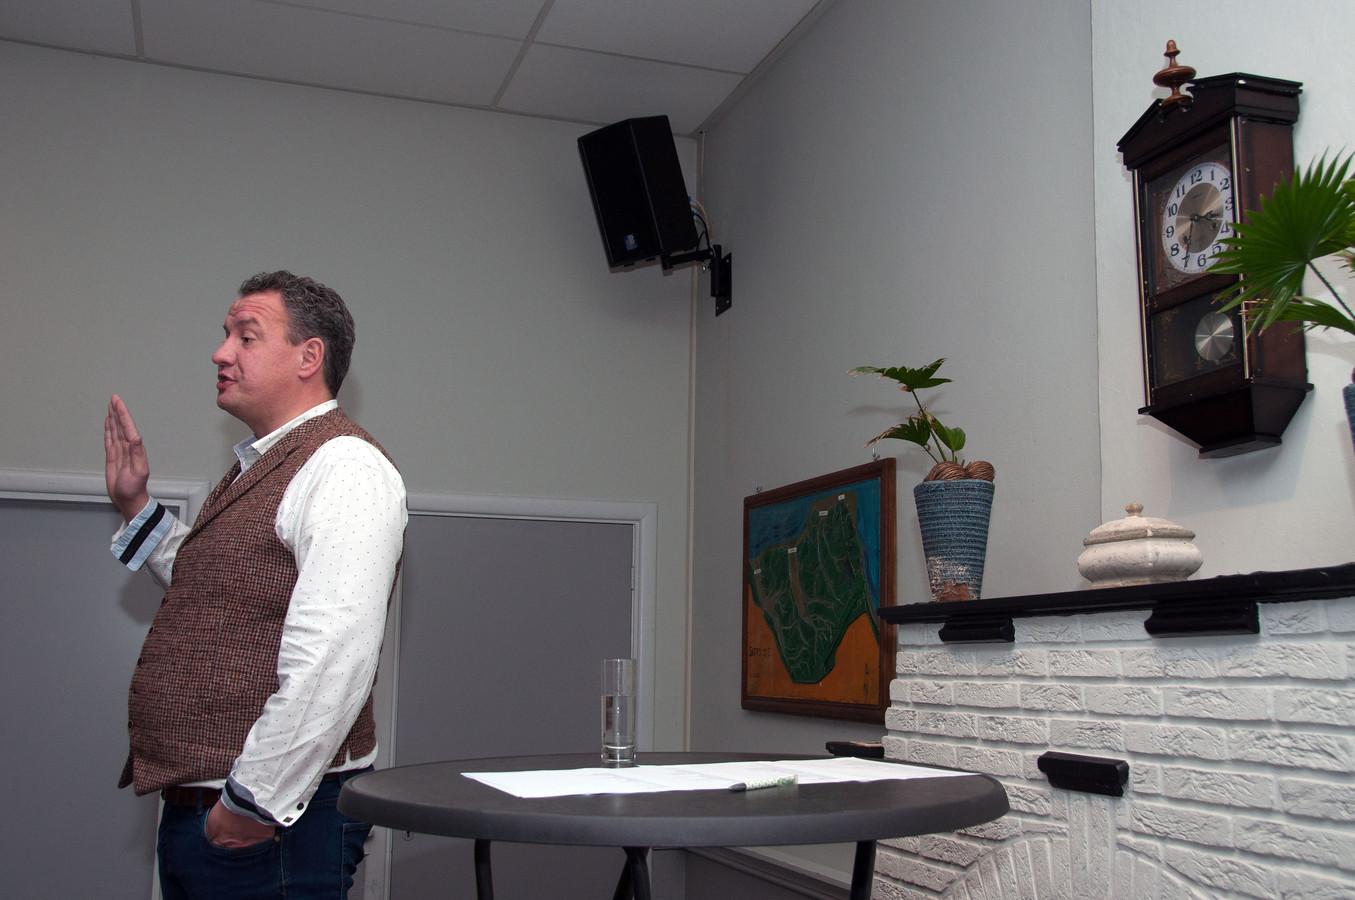 Maikel Harte vraagt het publiek de geheimhoudingseed af te leggen.